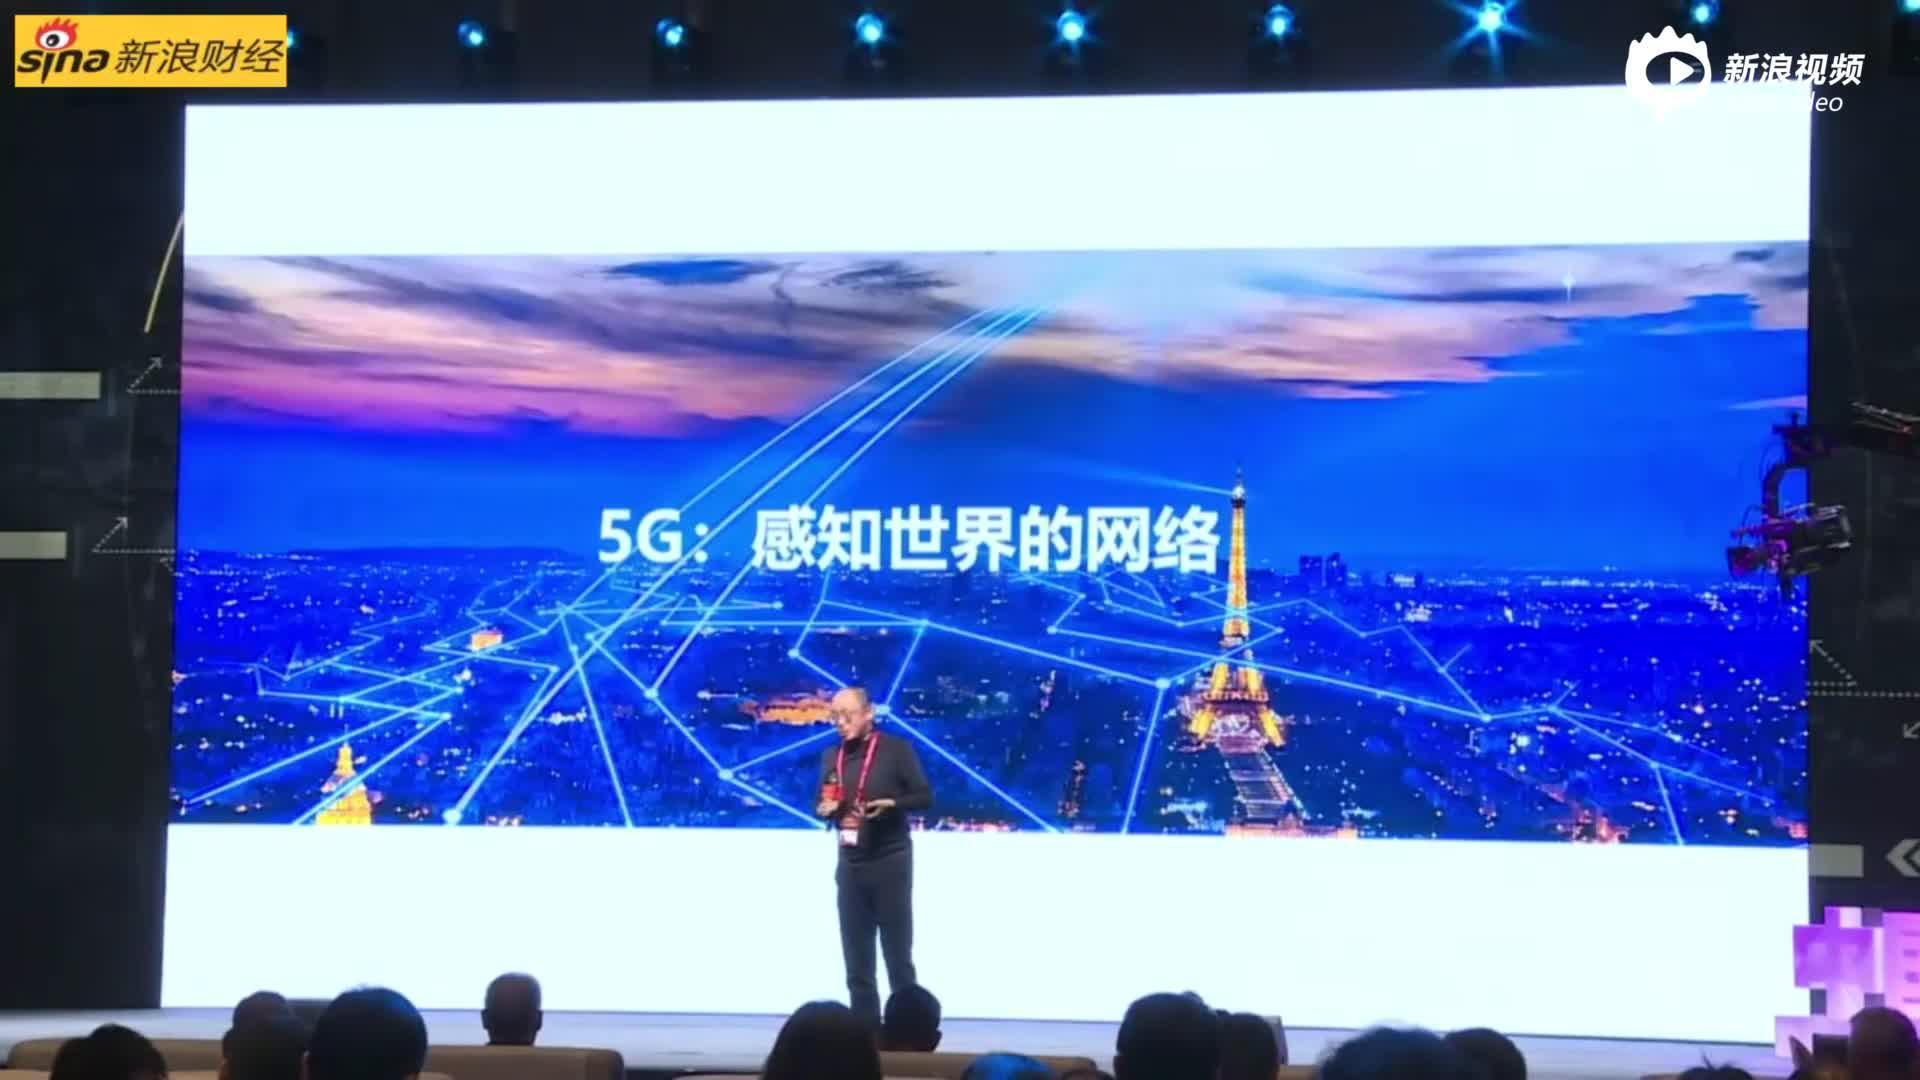 亚信联合创始人田溯宁:5G要给物理世界赋予感官